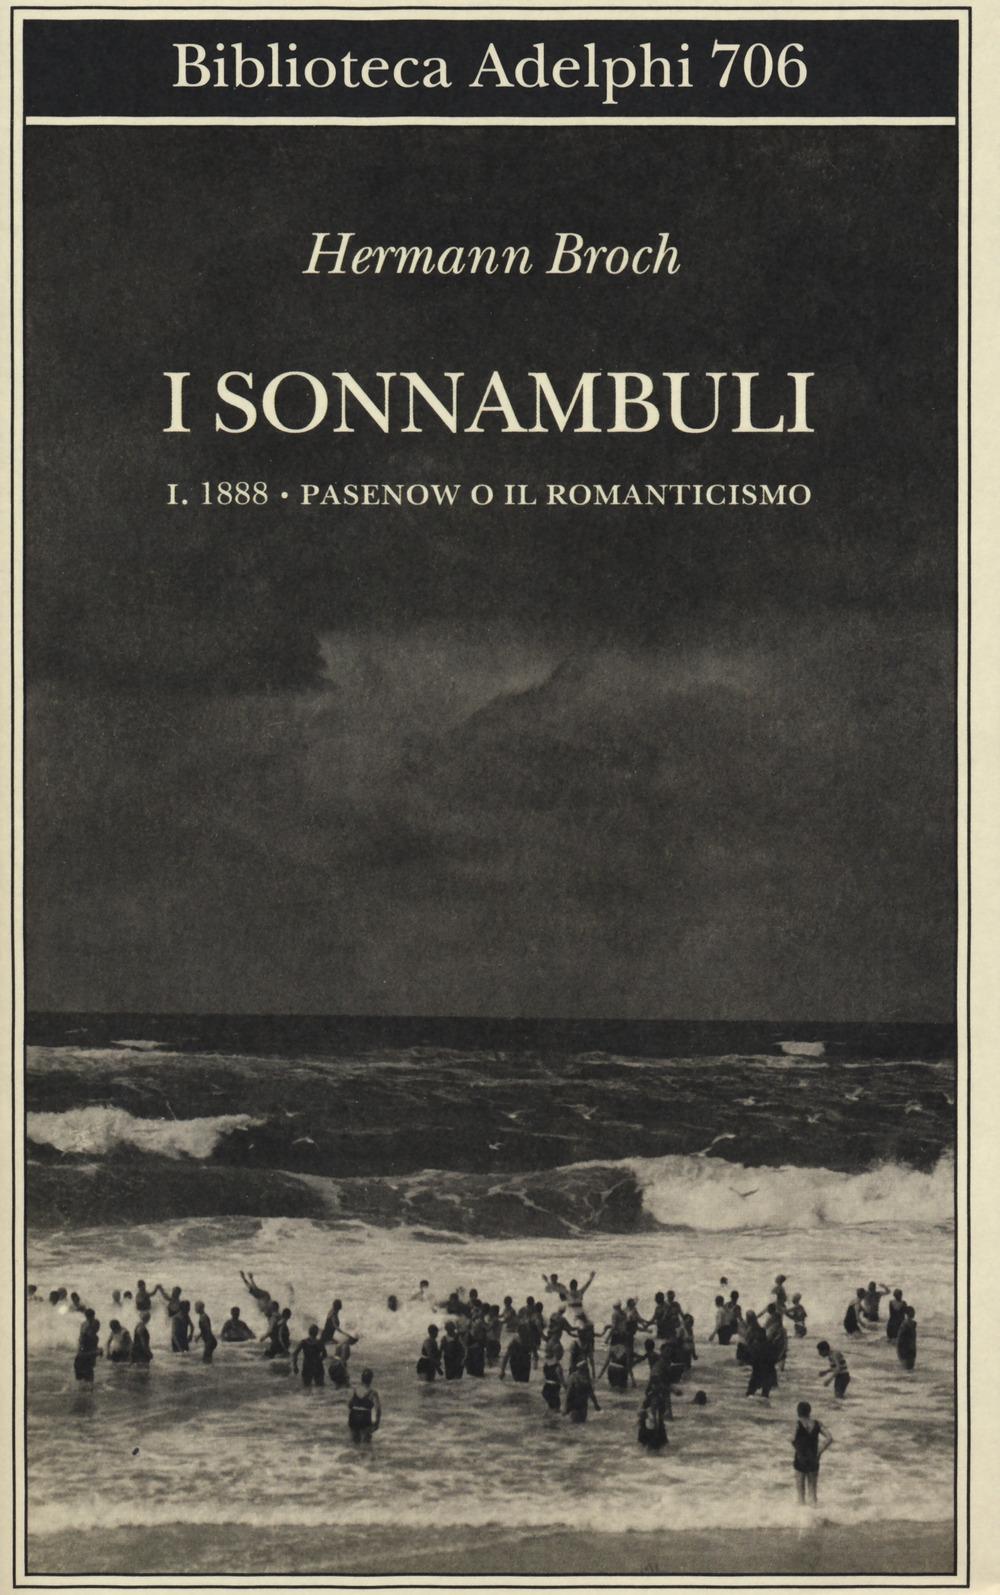 1888: Pasenow o il romanticismo. I sonnambuli. Vol. 1